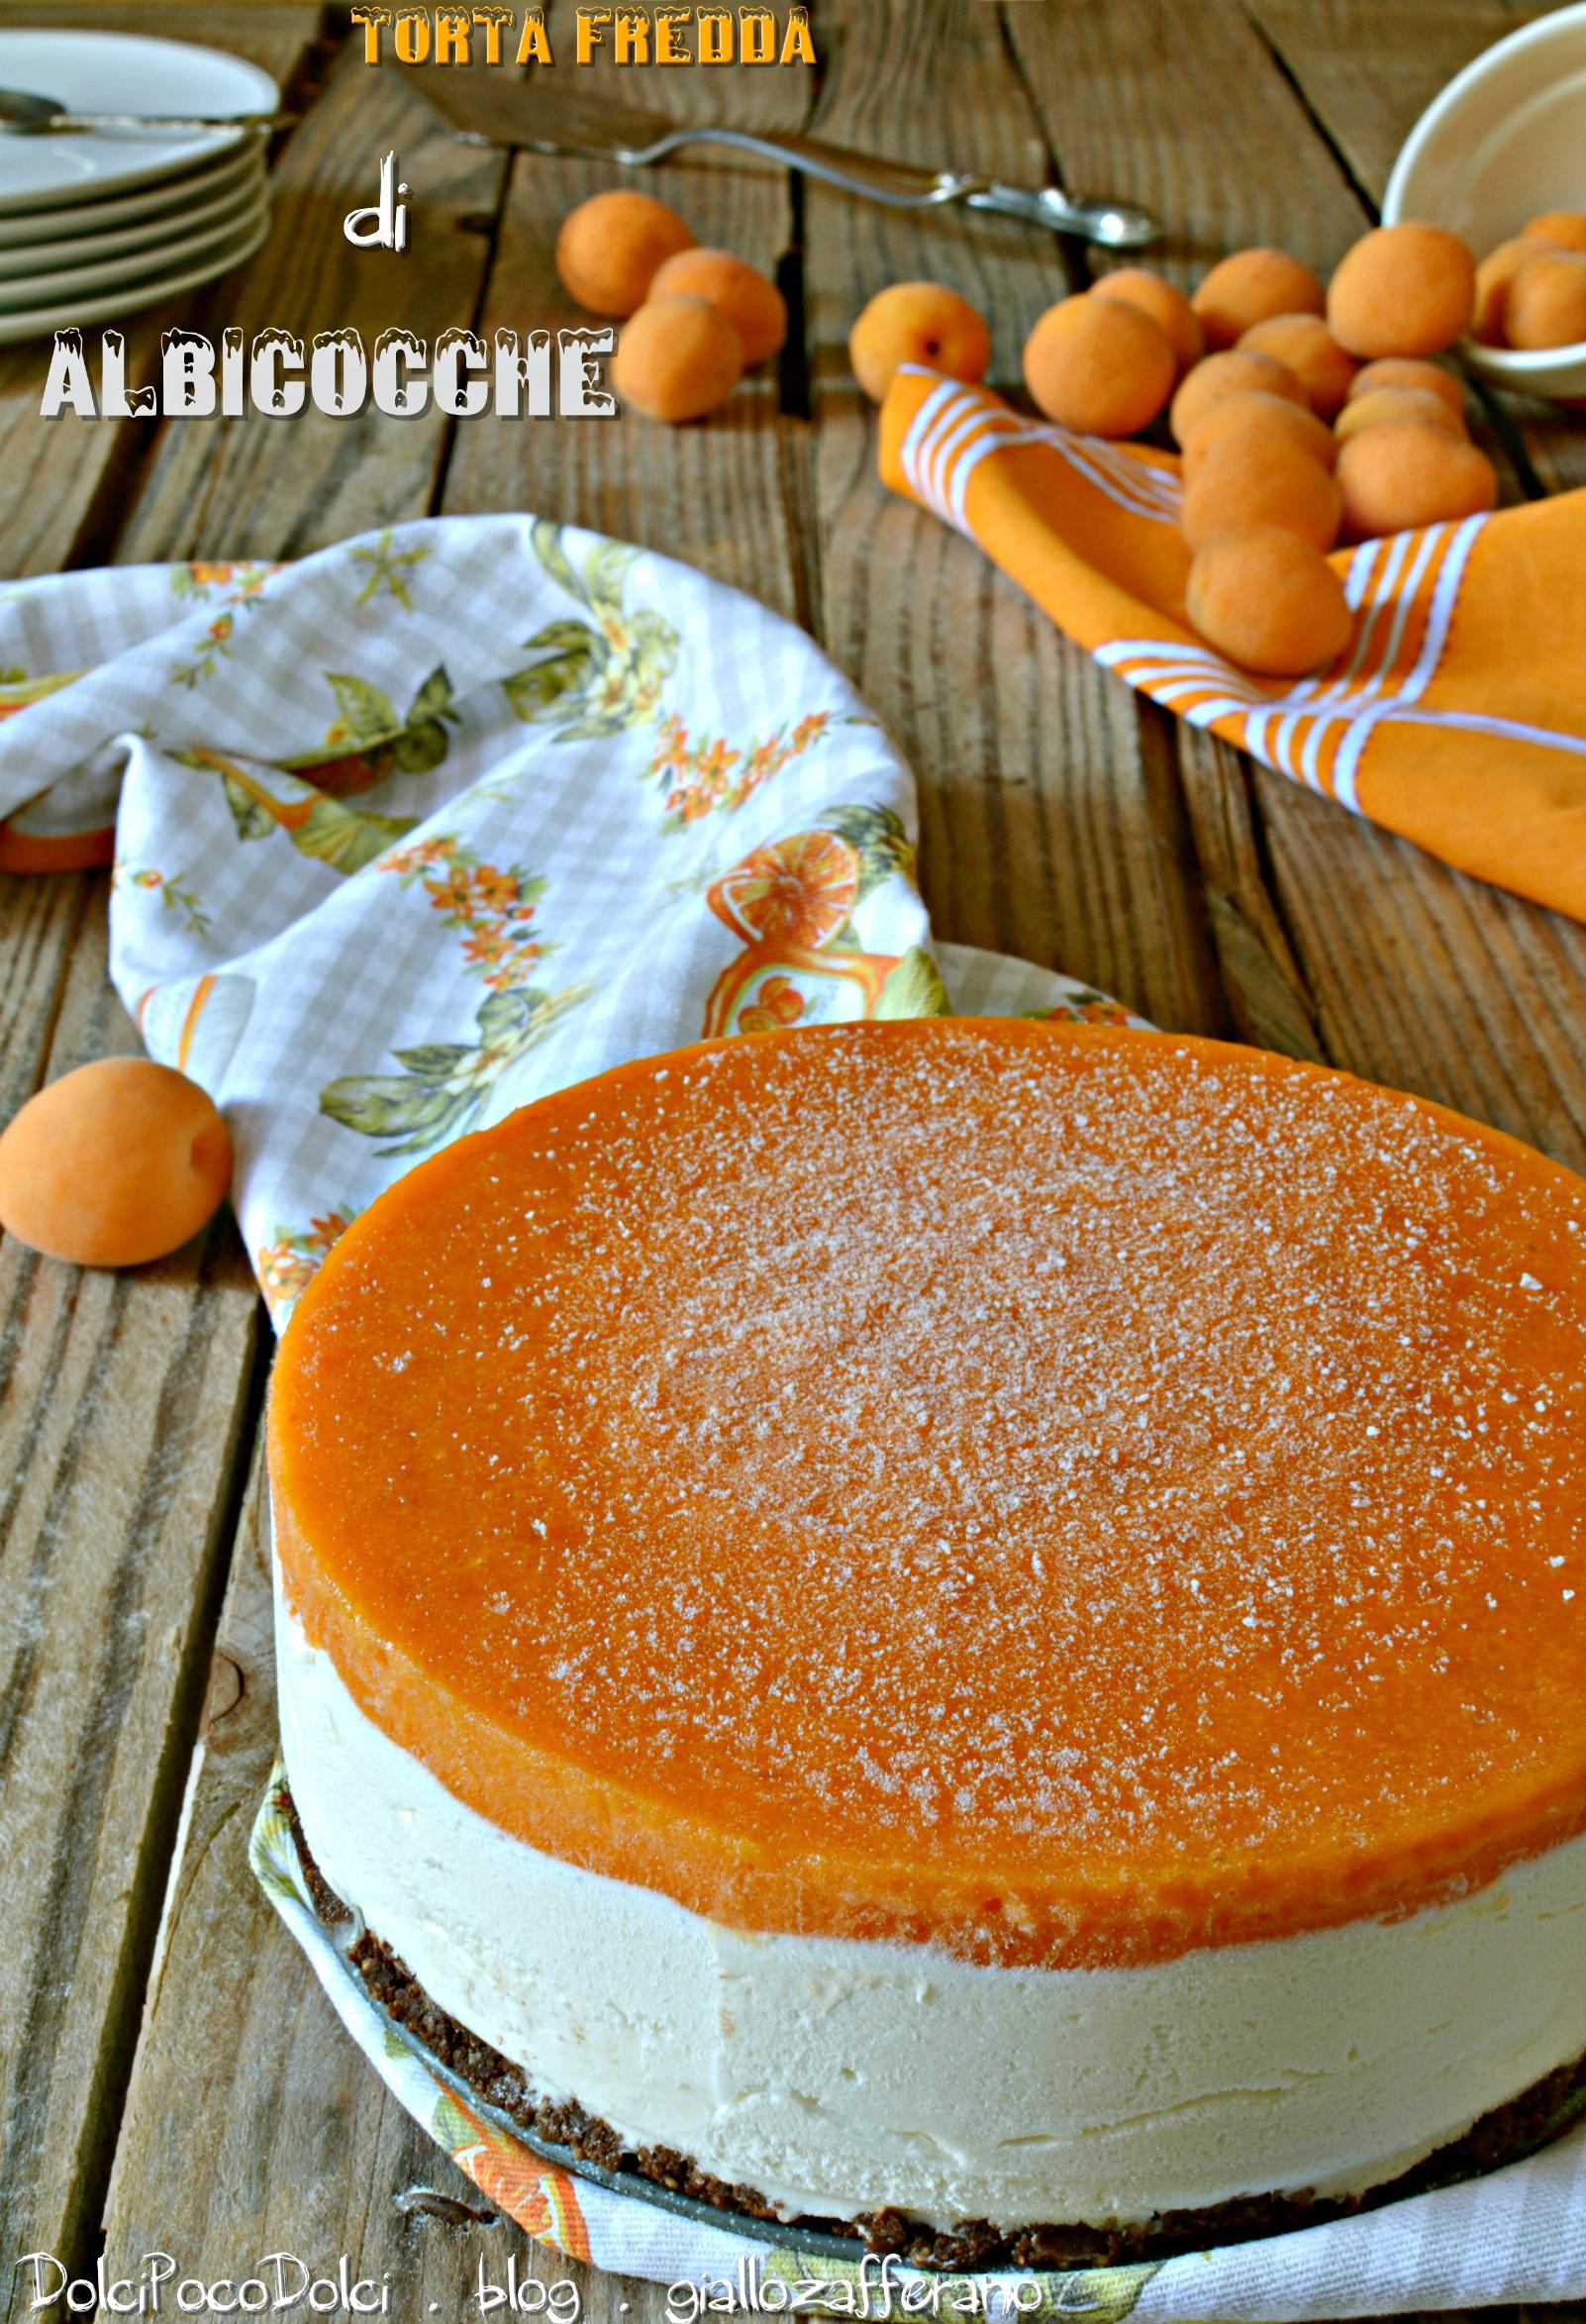 Torta Fredda Di Albicocche Senza Forno Dolci Poco Dolci